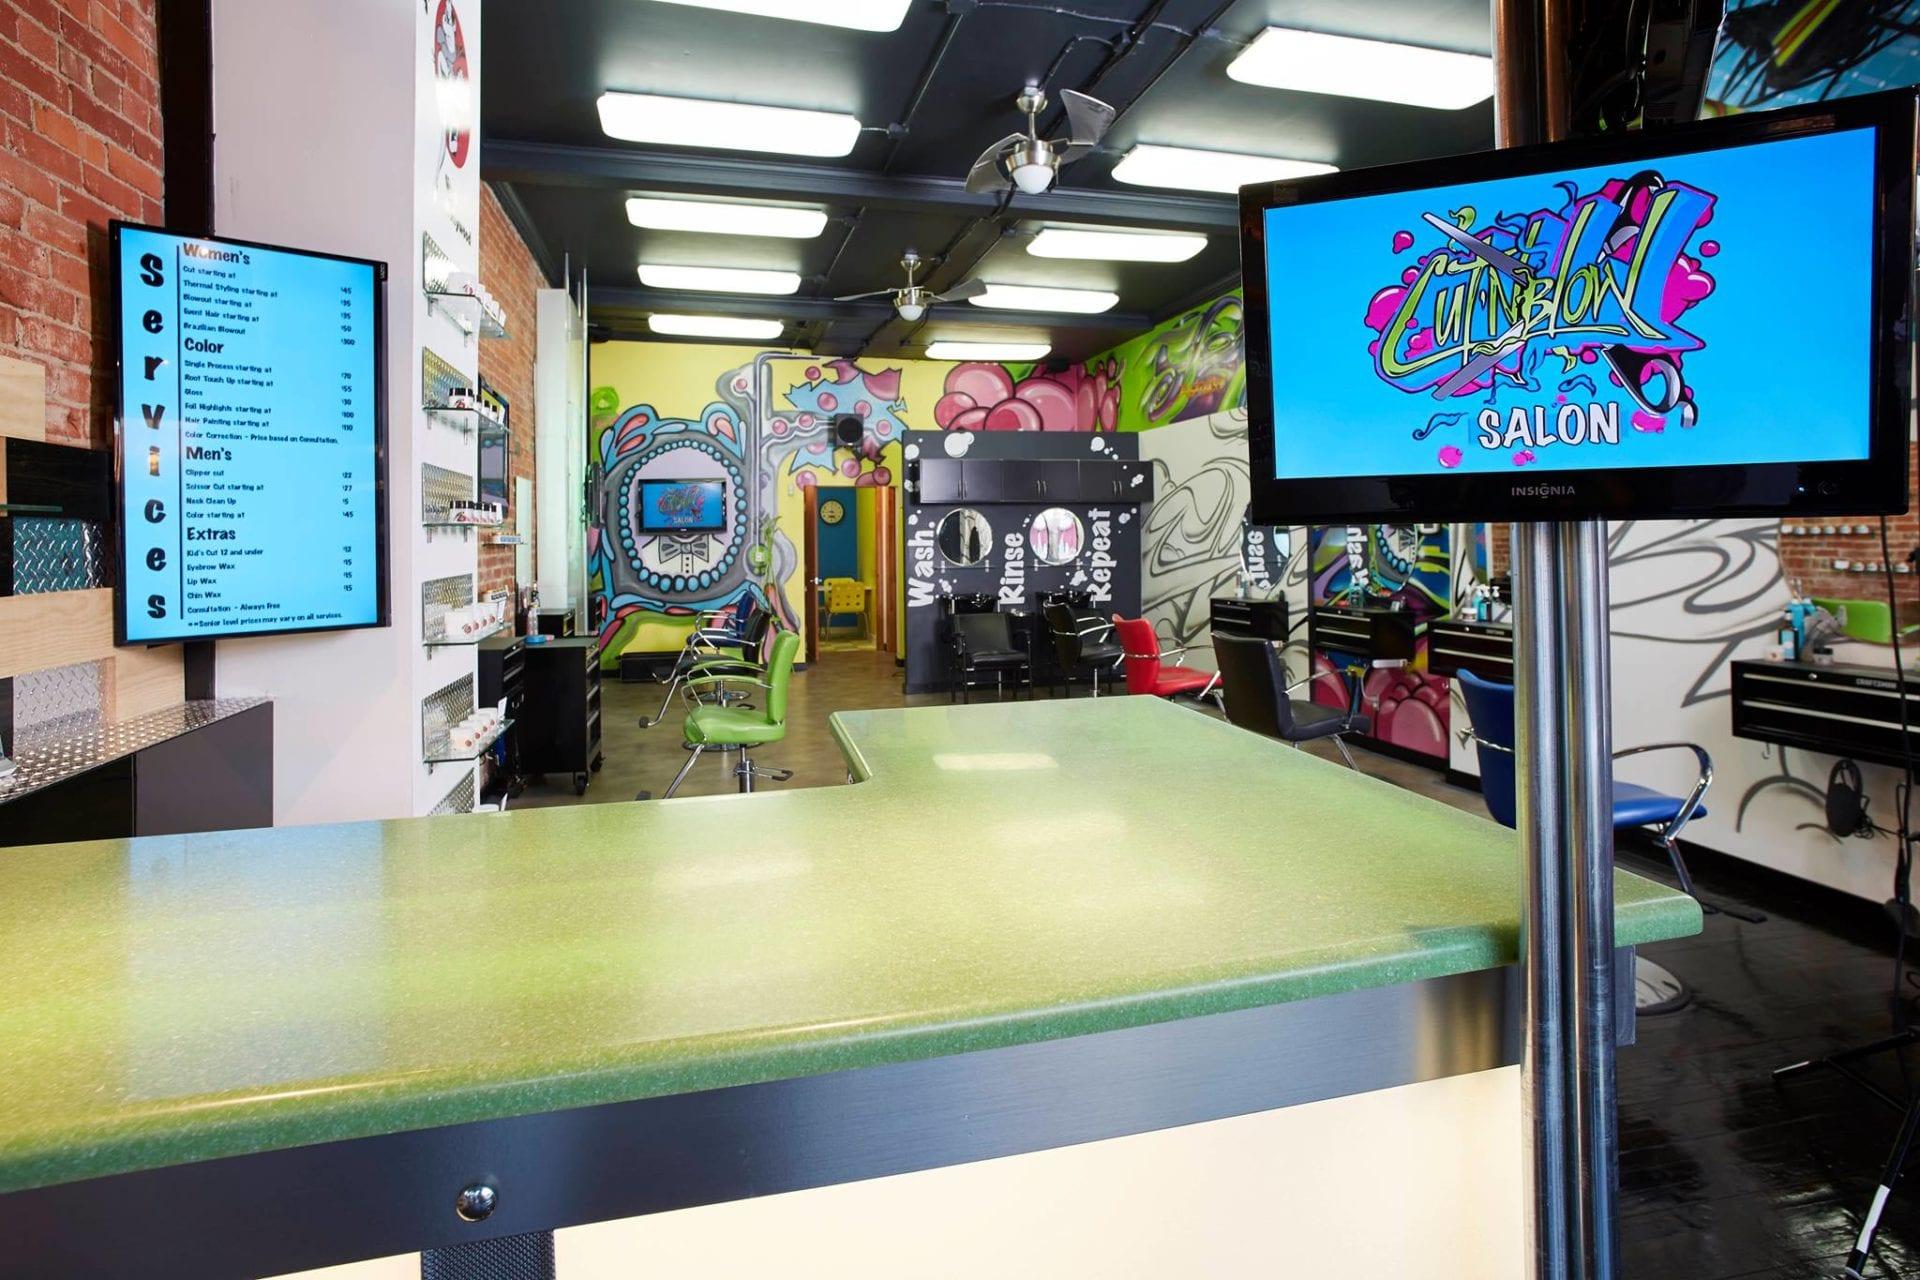 Hair Salons Columbus Ohio Open Sunday - Wallsviews.co